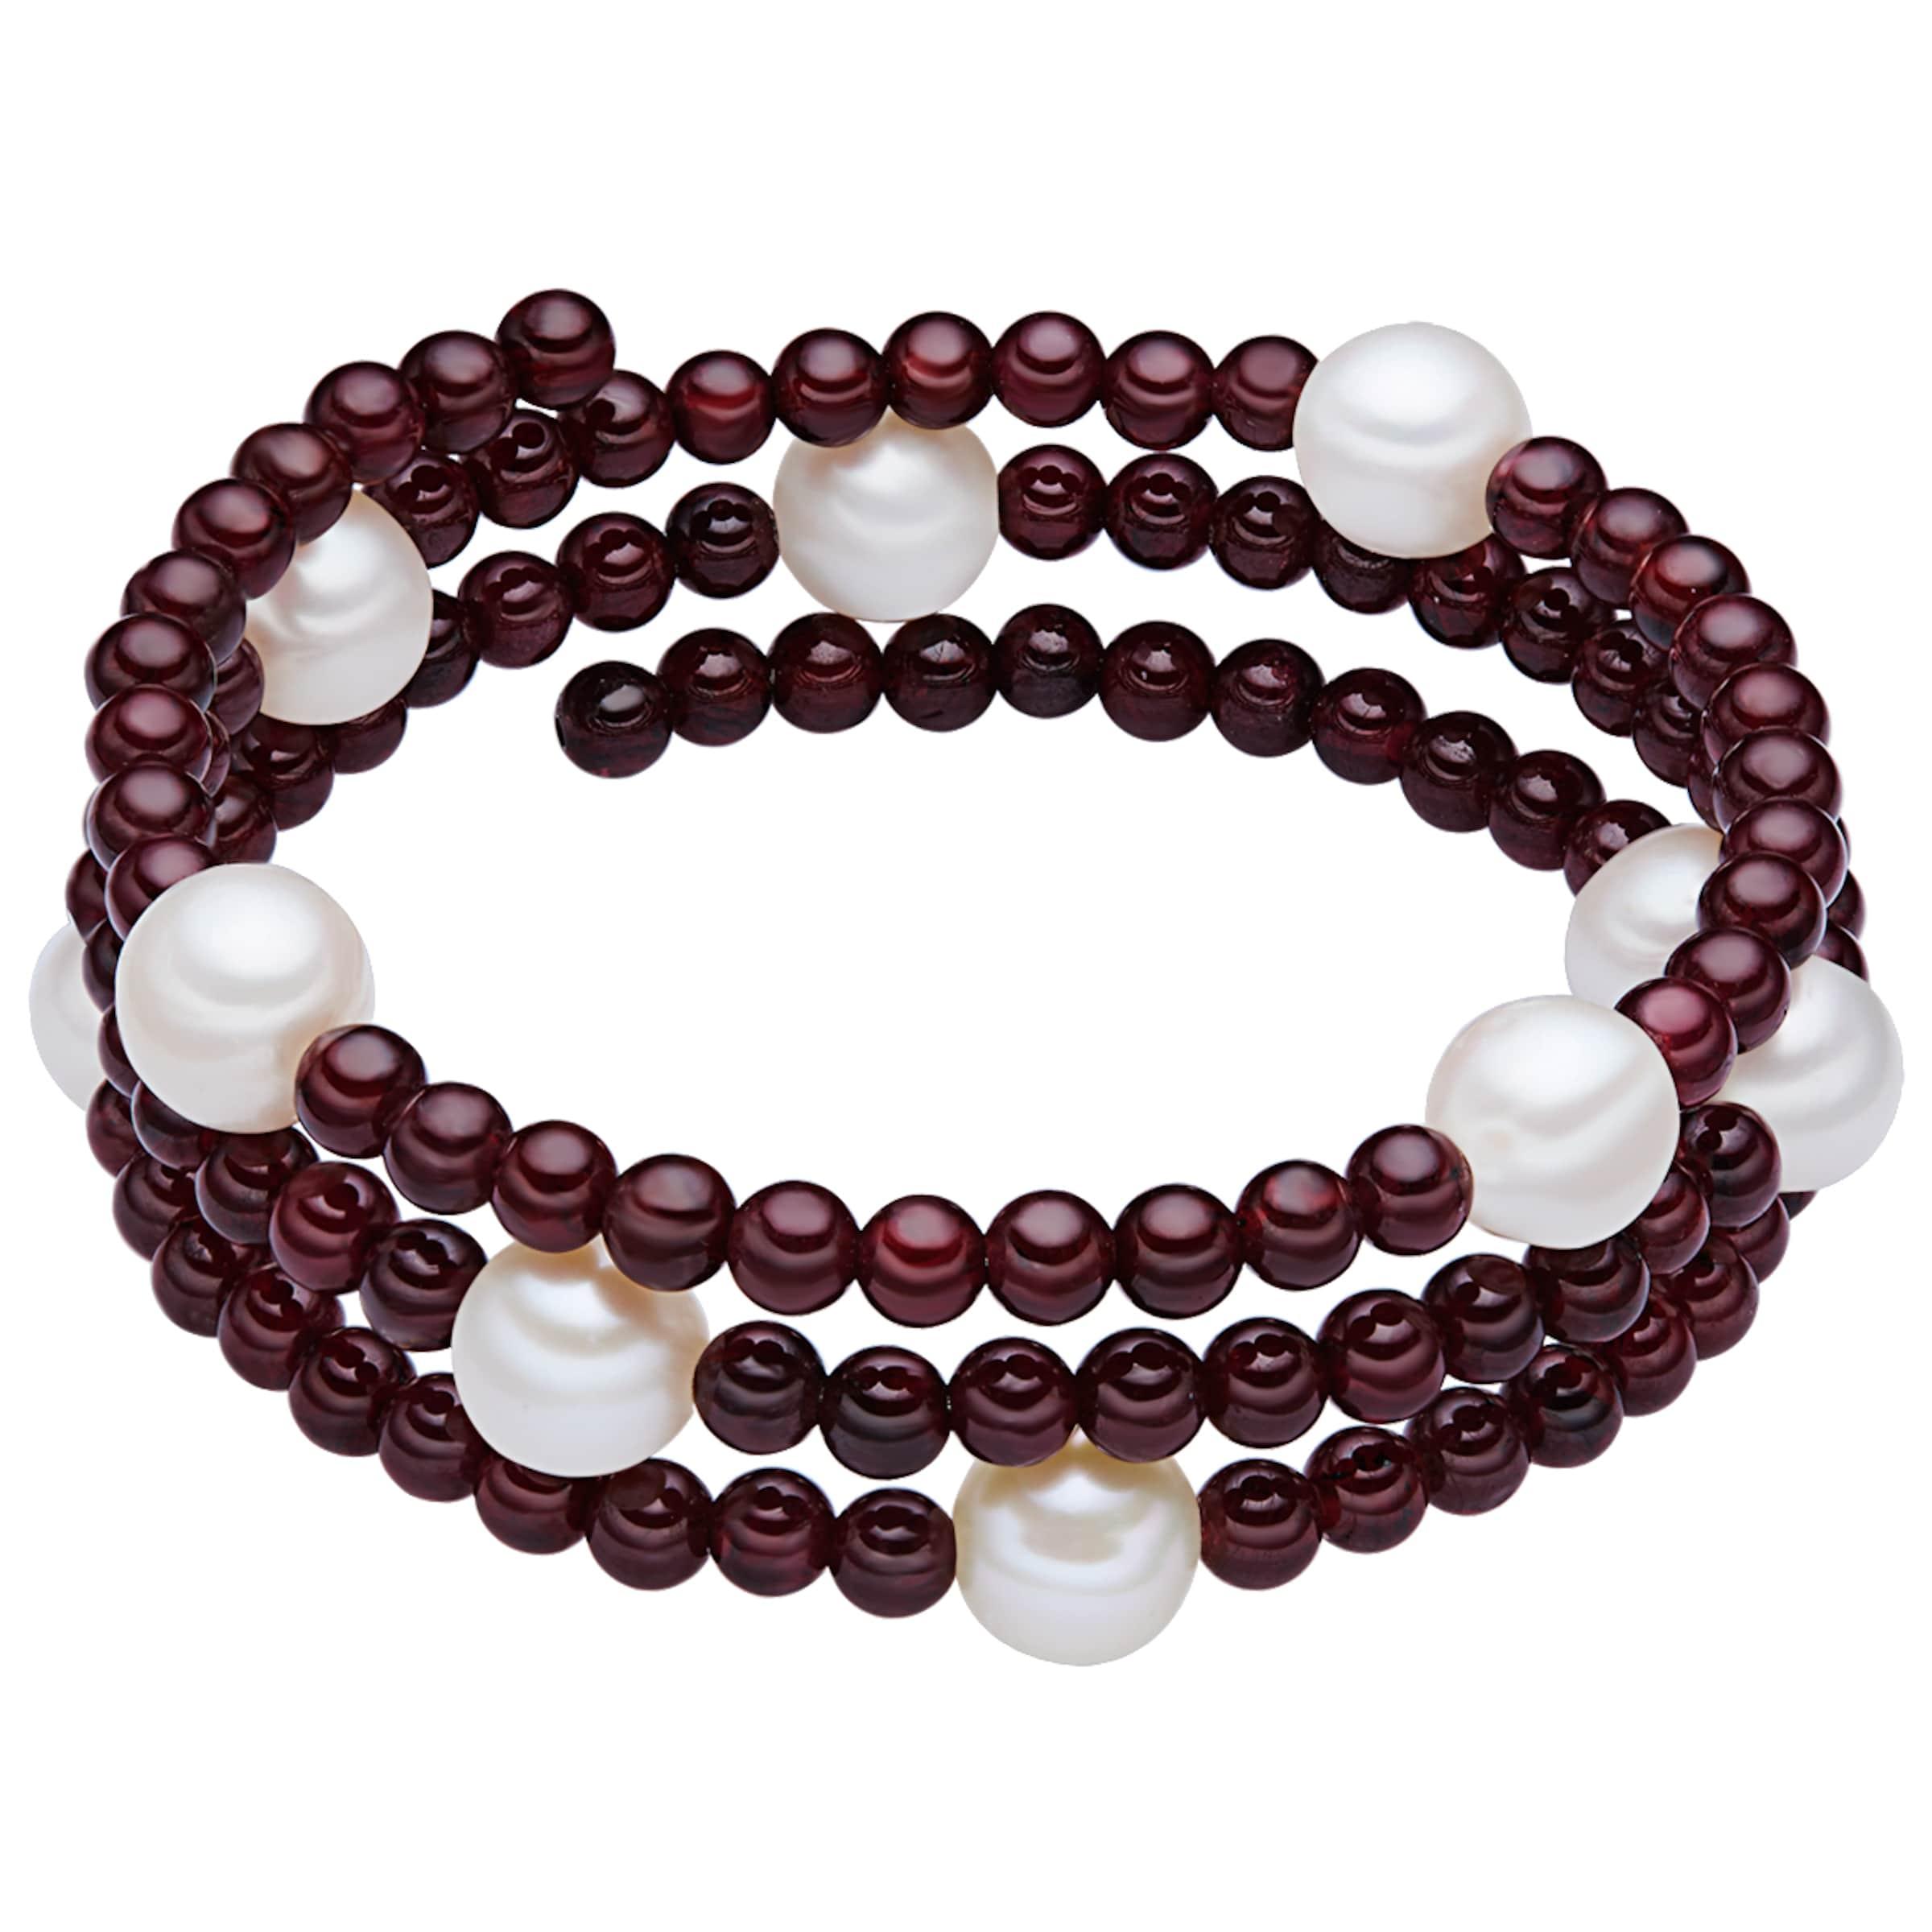 Valero Pearls Granat-Armband mit Süßwasser-Zuchtperlen Footlocker Bilder Verkauf Online Poo18NHj7